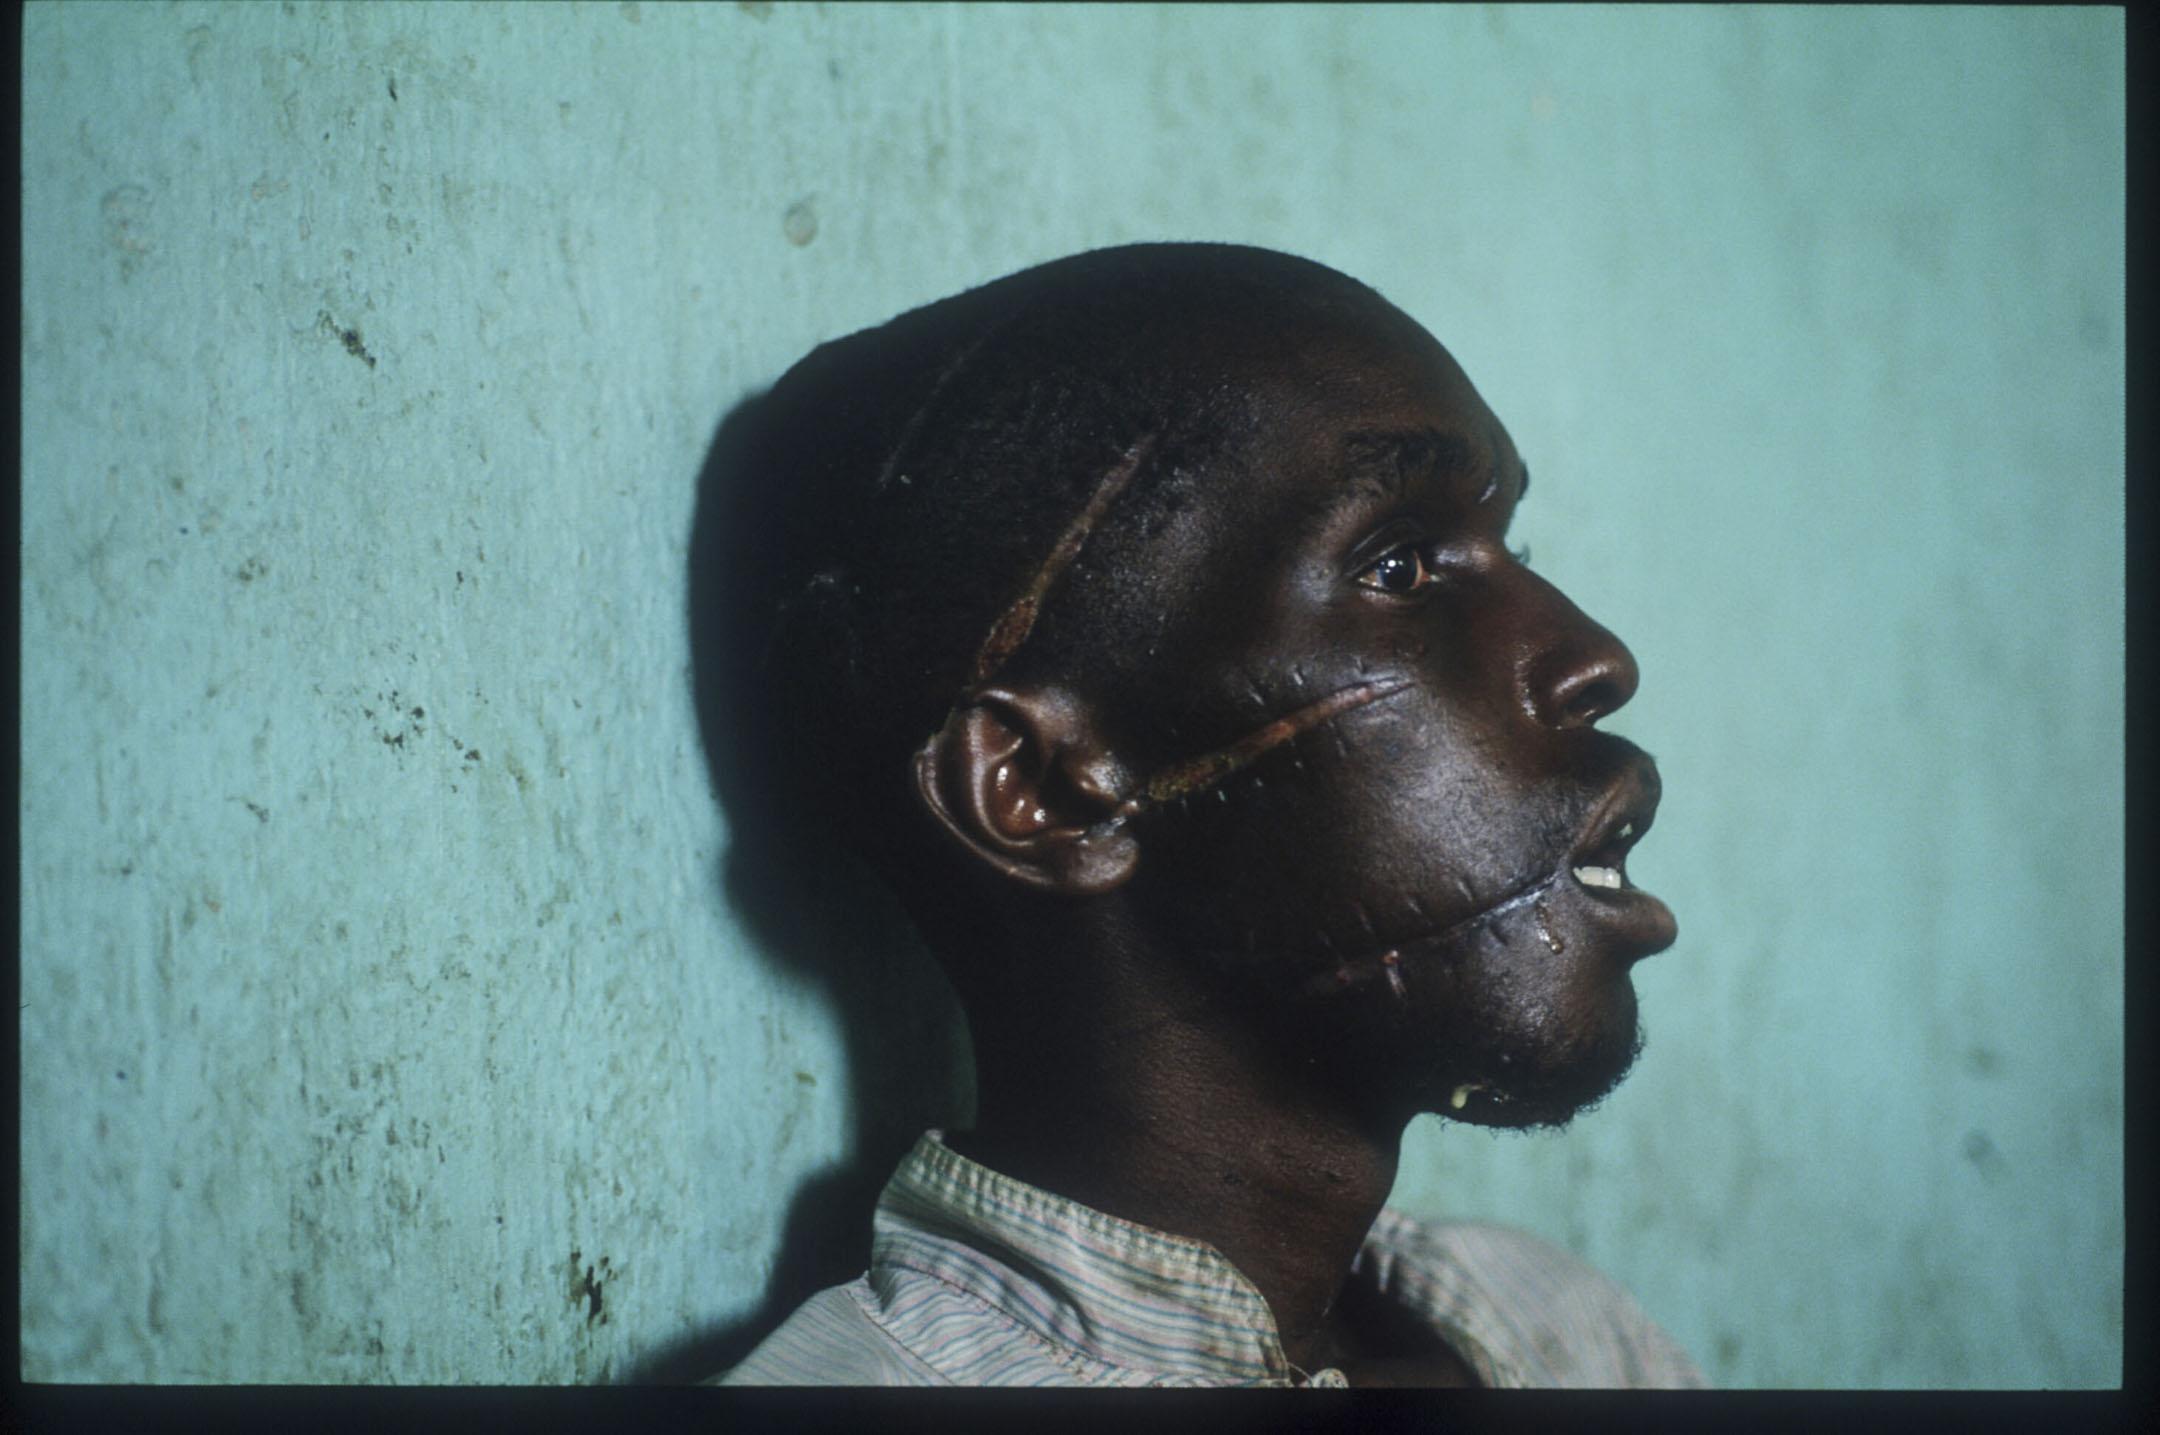 盧旺達的年輕一代,在大屠殺的陰影下逐漸成長起來,他們有的是受害者的下一代,年紀尚輕就失去家人;有的則是加害者的下一代,要在成長過程中,正視大屠殺的真相。抹不去的悲愴與憤怒、歷史與偏見,通通加載在了這些年輕人的身上。 攝:Scott Peterson/Liaison